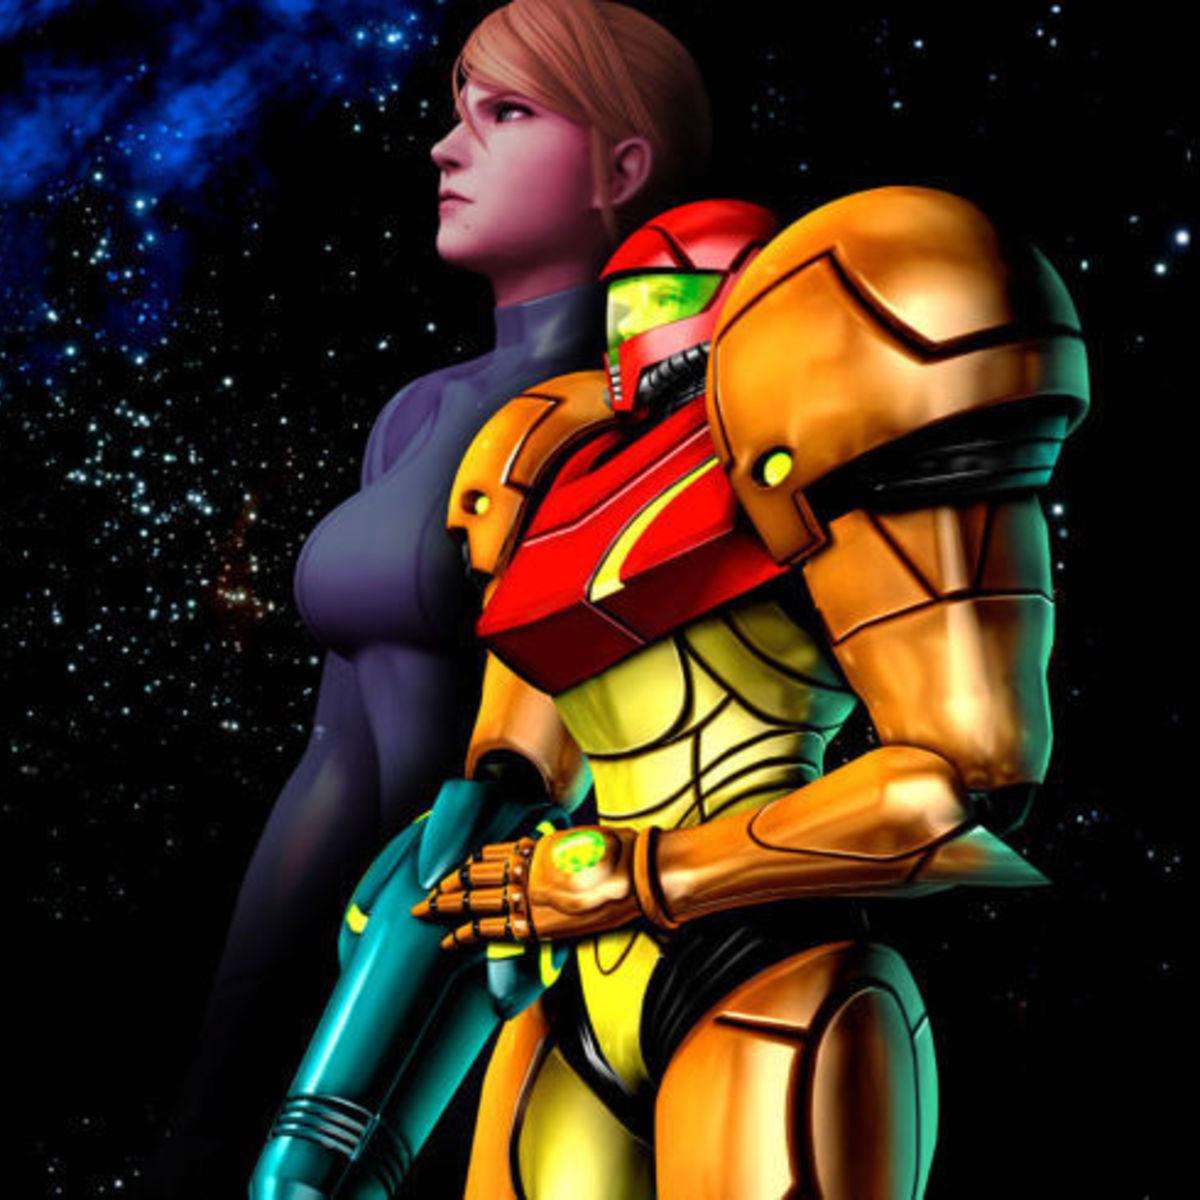 Metroid - Samus Aran